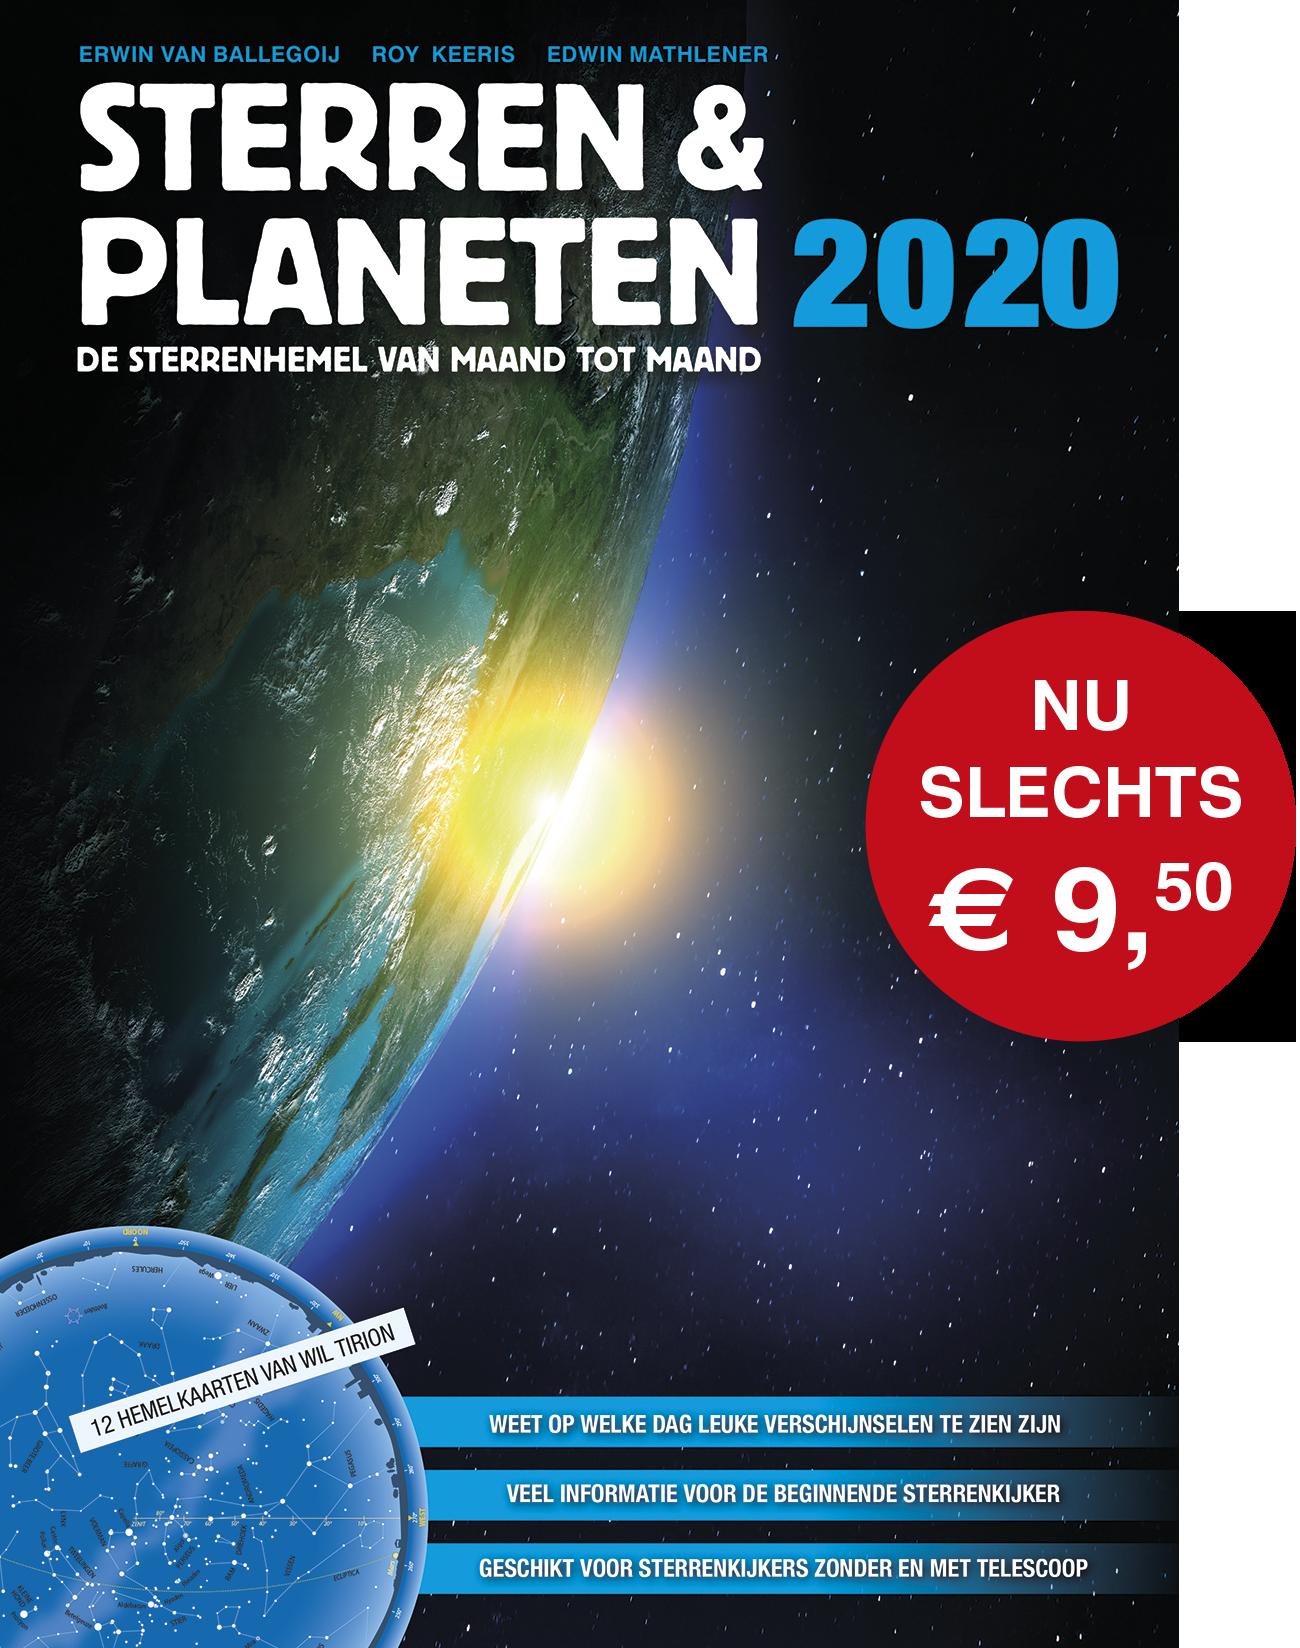 STERREN & PLANETEN 2020